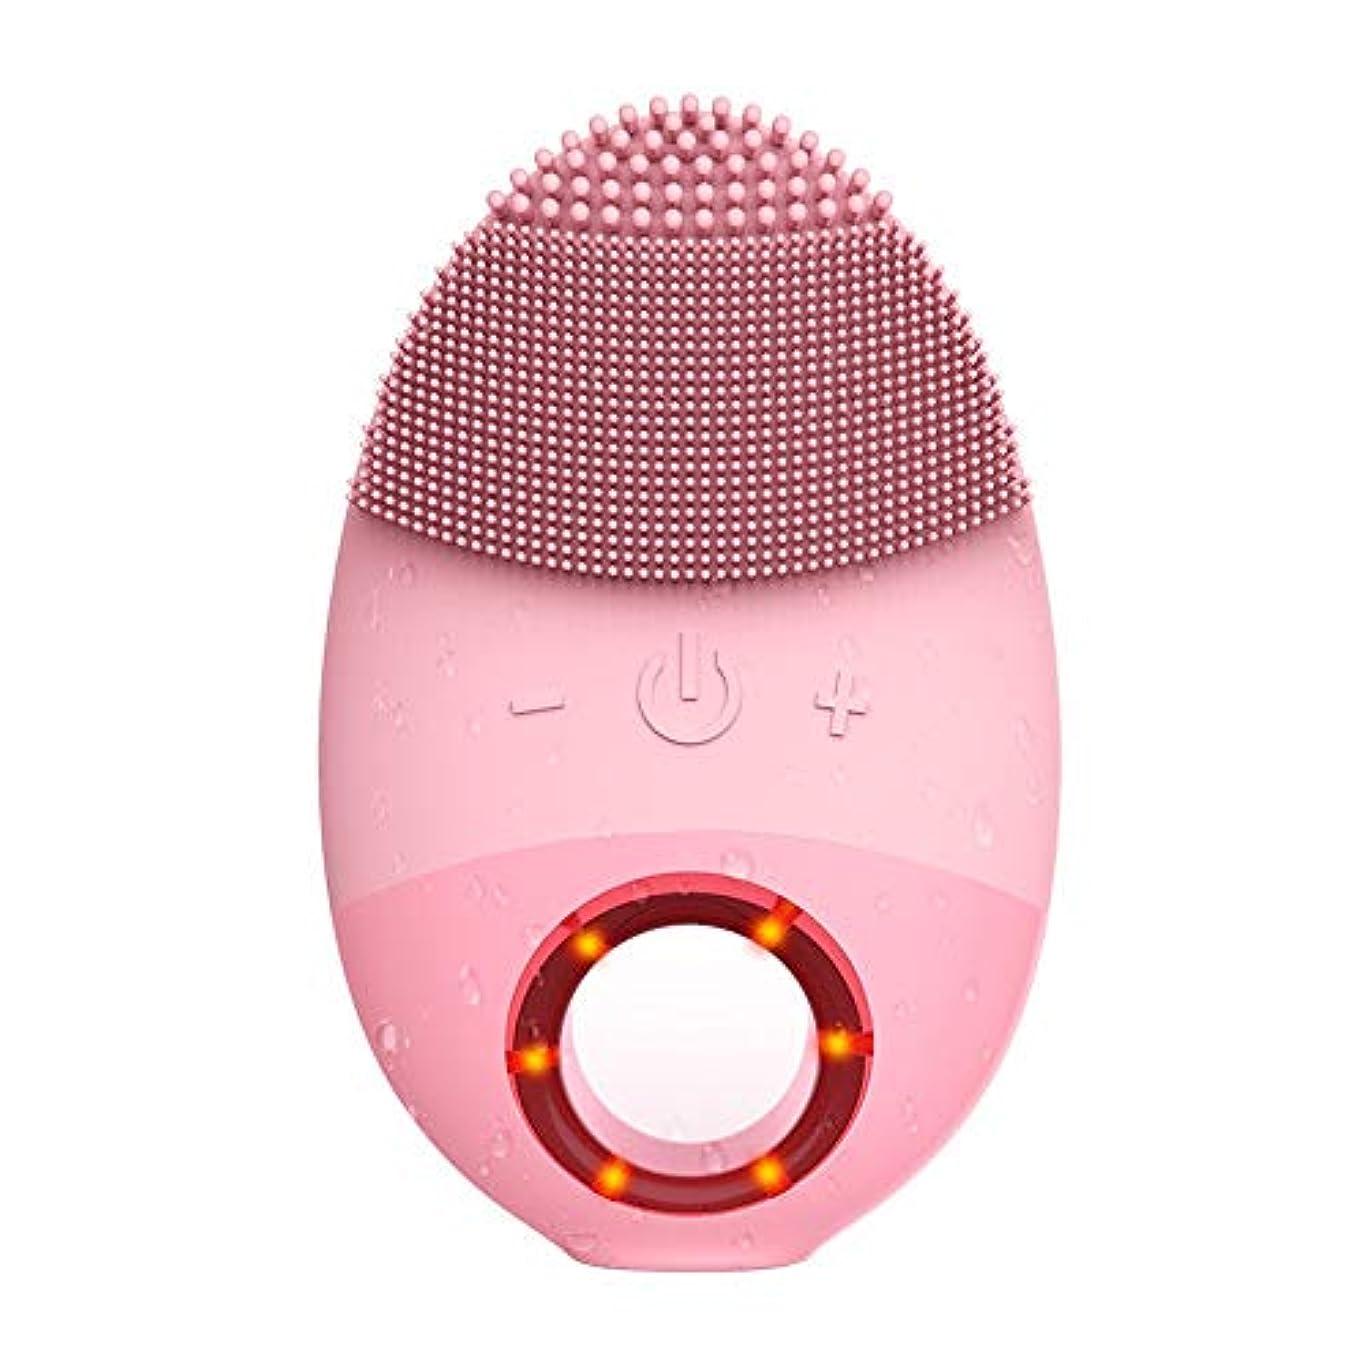 広まった財団ご注意ZXF 多機能シリコン防水洗浄ブラシ超音波振動洗浄器具美容器具マッサージ器具洗浄器具 滑らかである (色 : Pink)